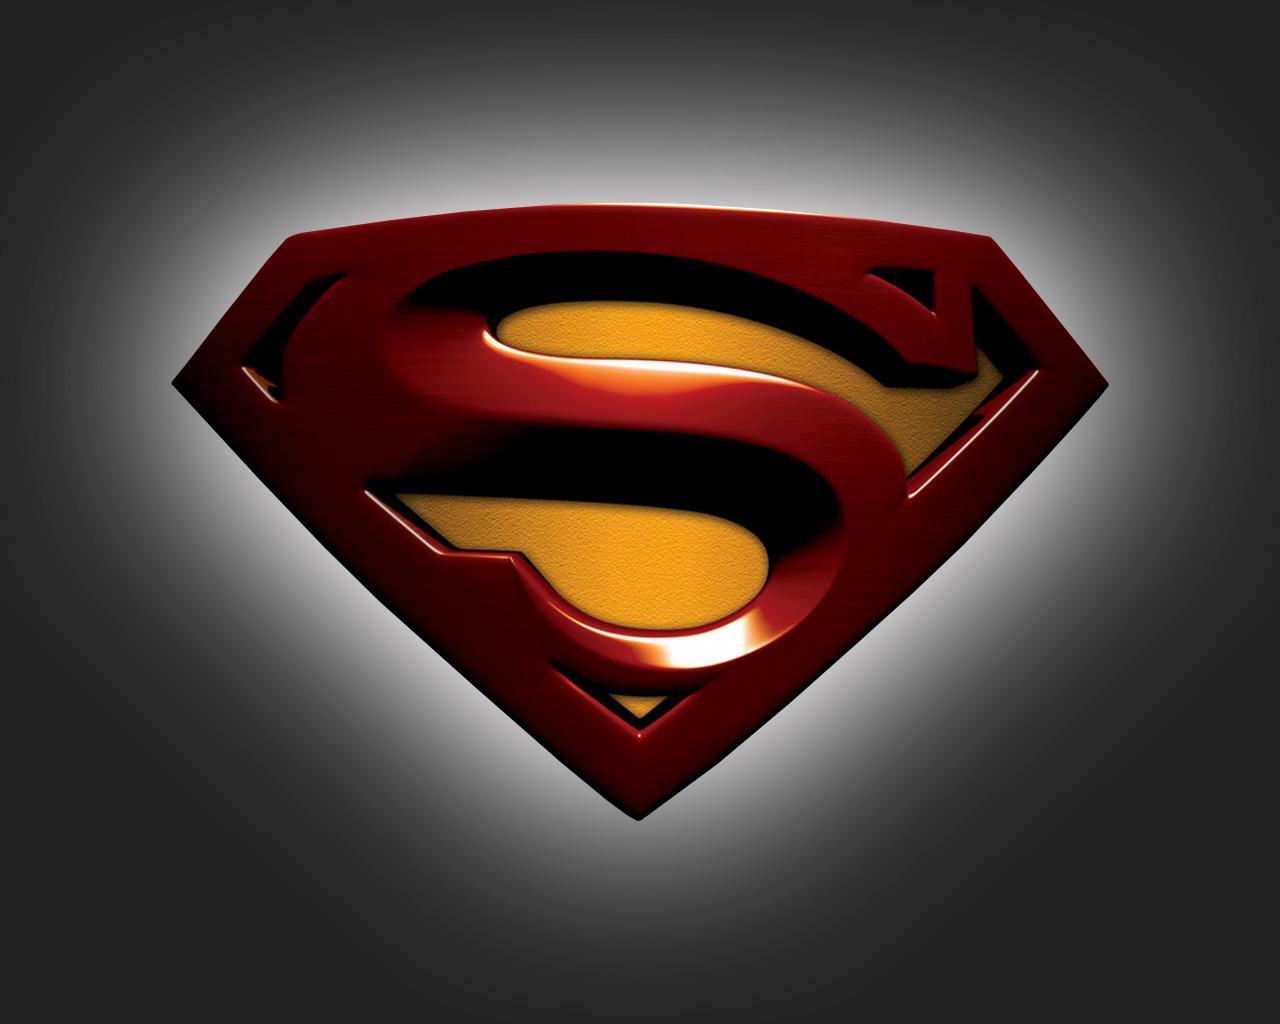 hd logo superman wallpaper geni ekran masa superman wallpaper hd 1280x1024